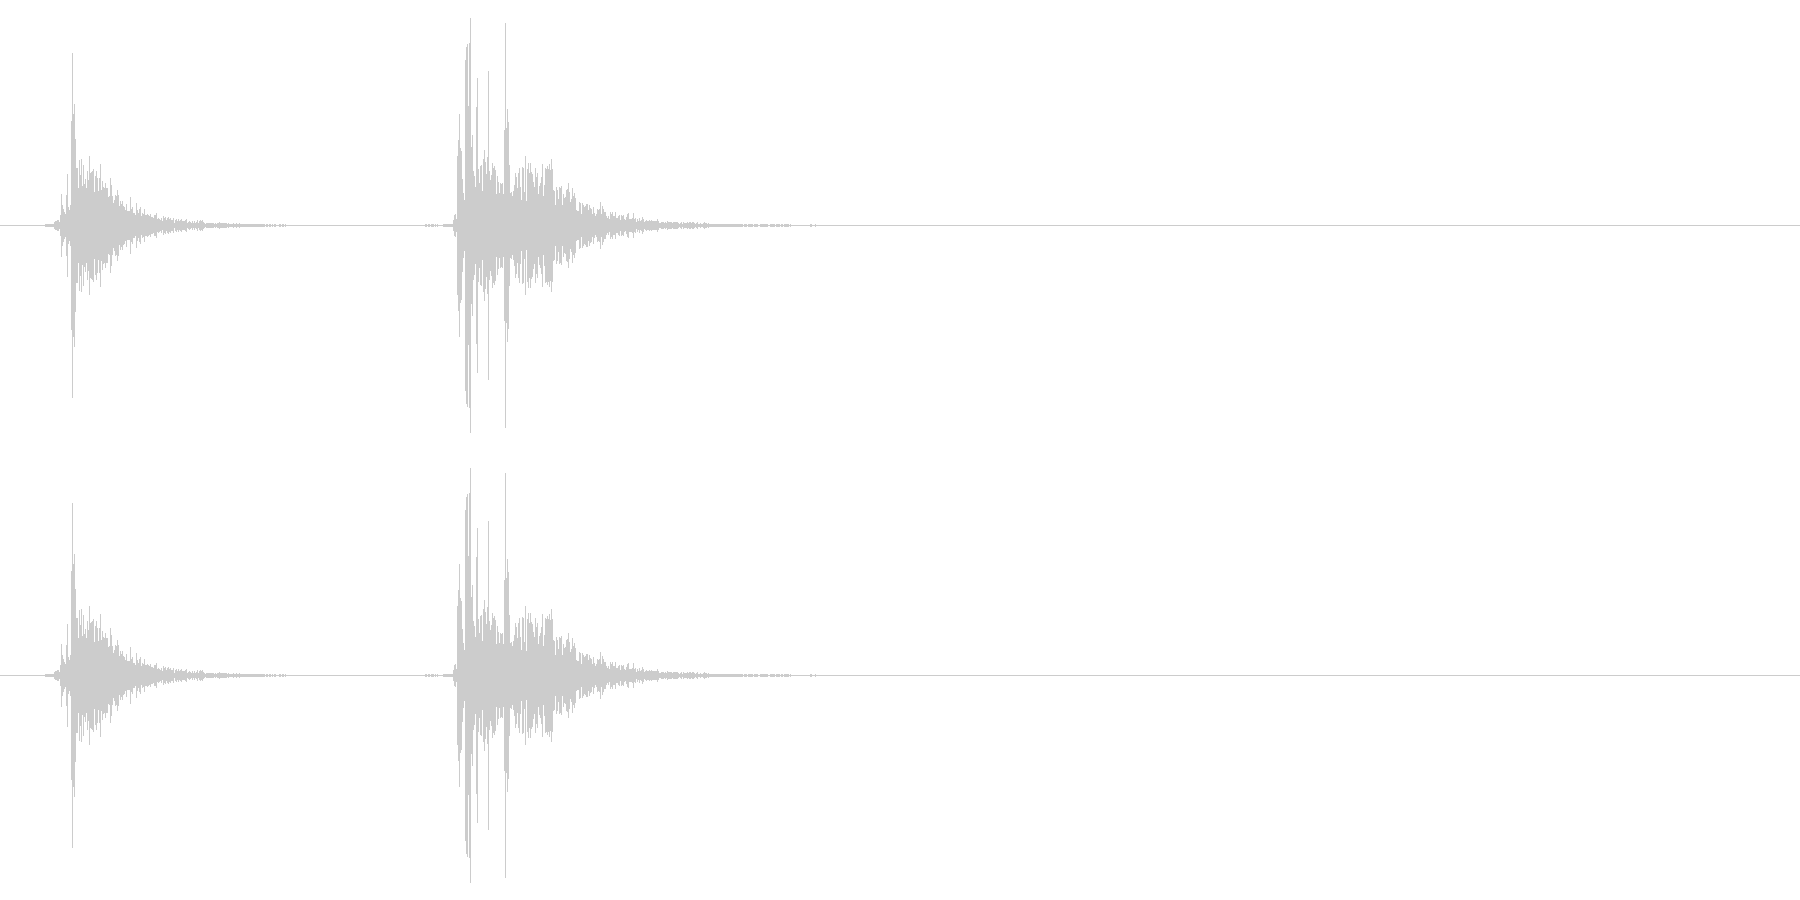 アタッシュケースの留め具を閉じる音_2の未再生の波形